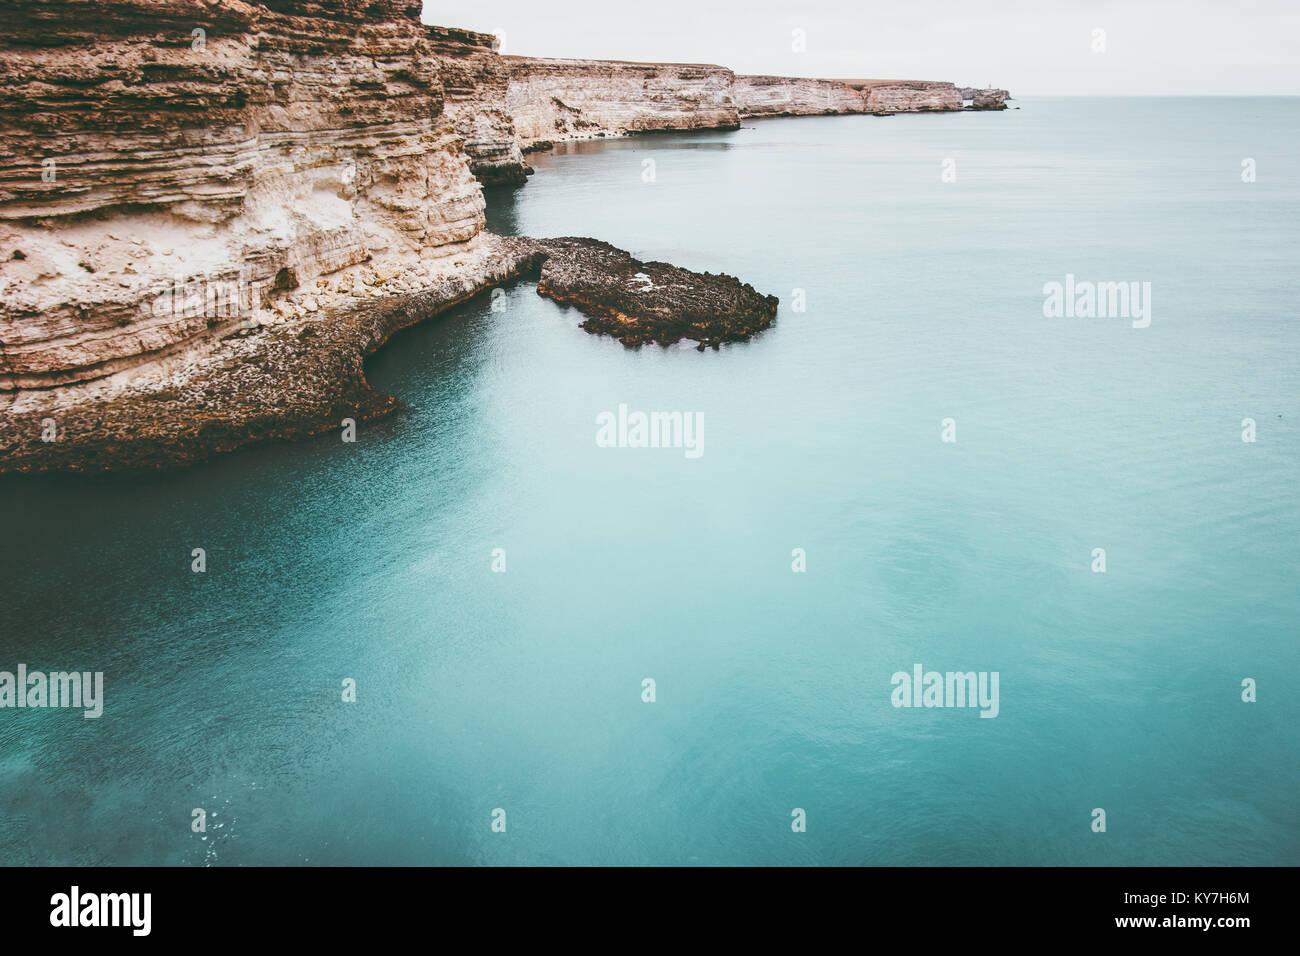 Mar azul con paisaje costero rocoso calma y tranquilidad vista escénica vacaciones viajes Imagen De Stock